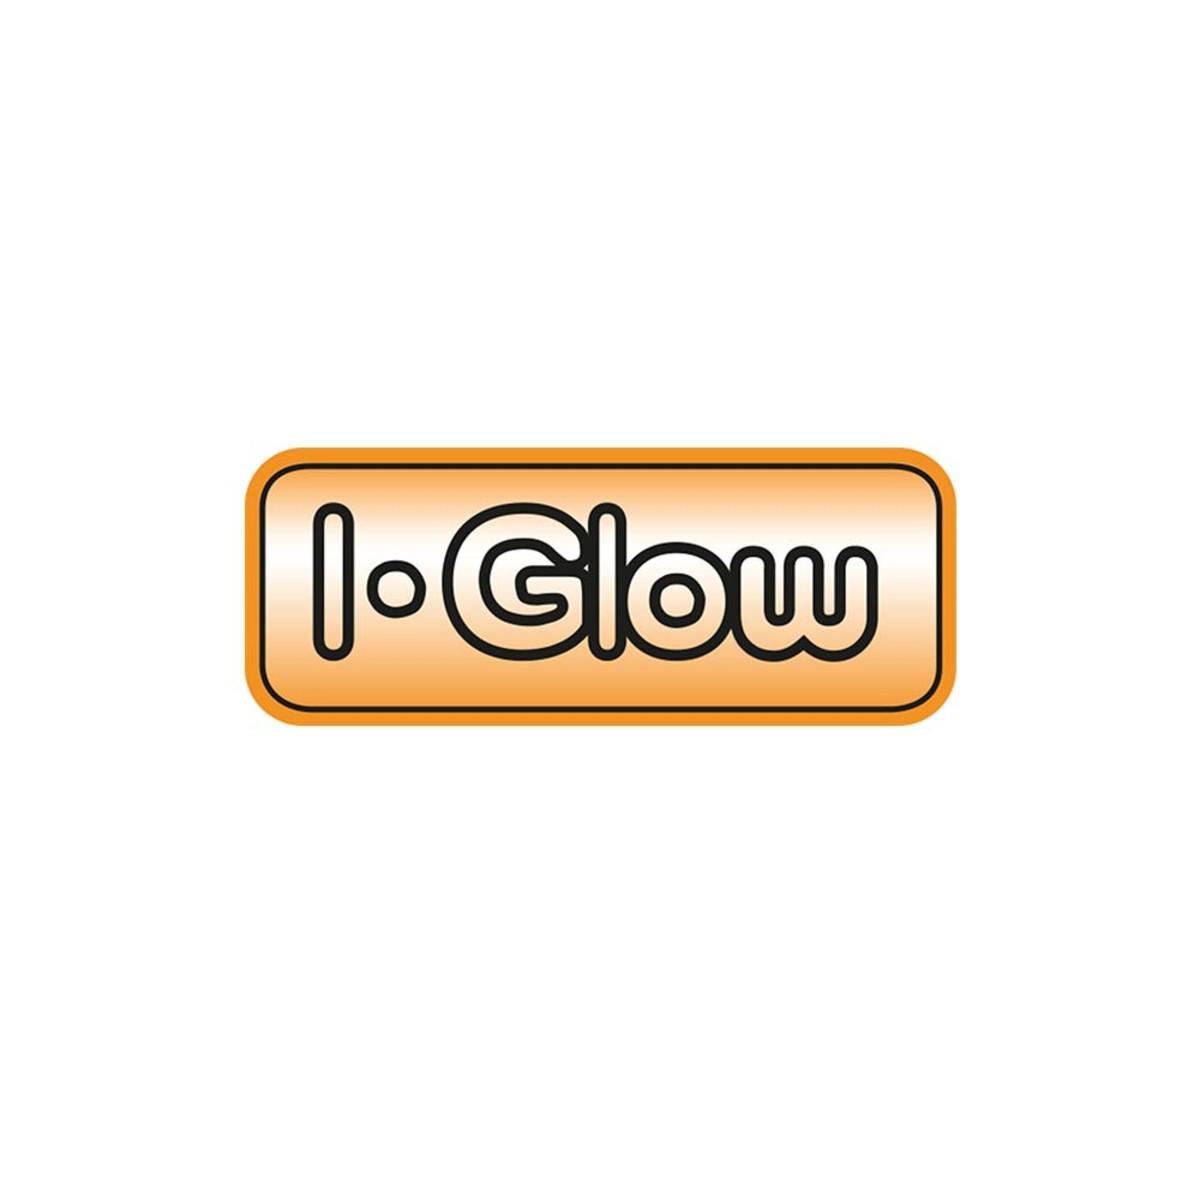 Bild 2 von I-Glow LED Solar Partybirnen 4er-Set - blau